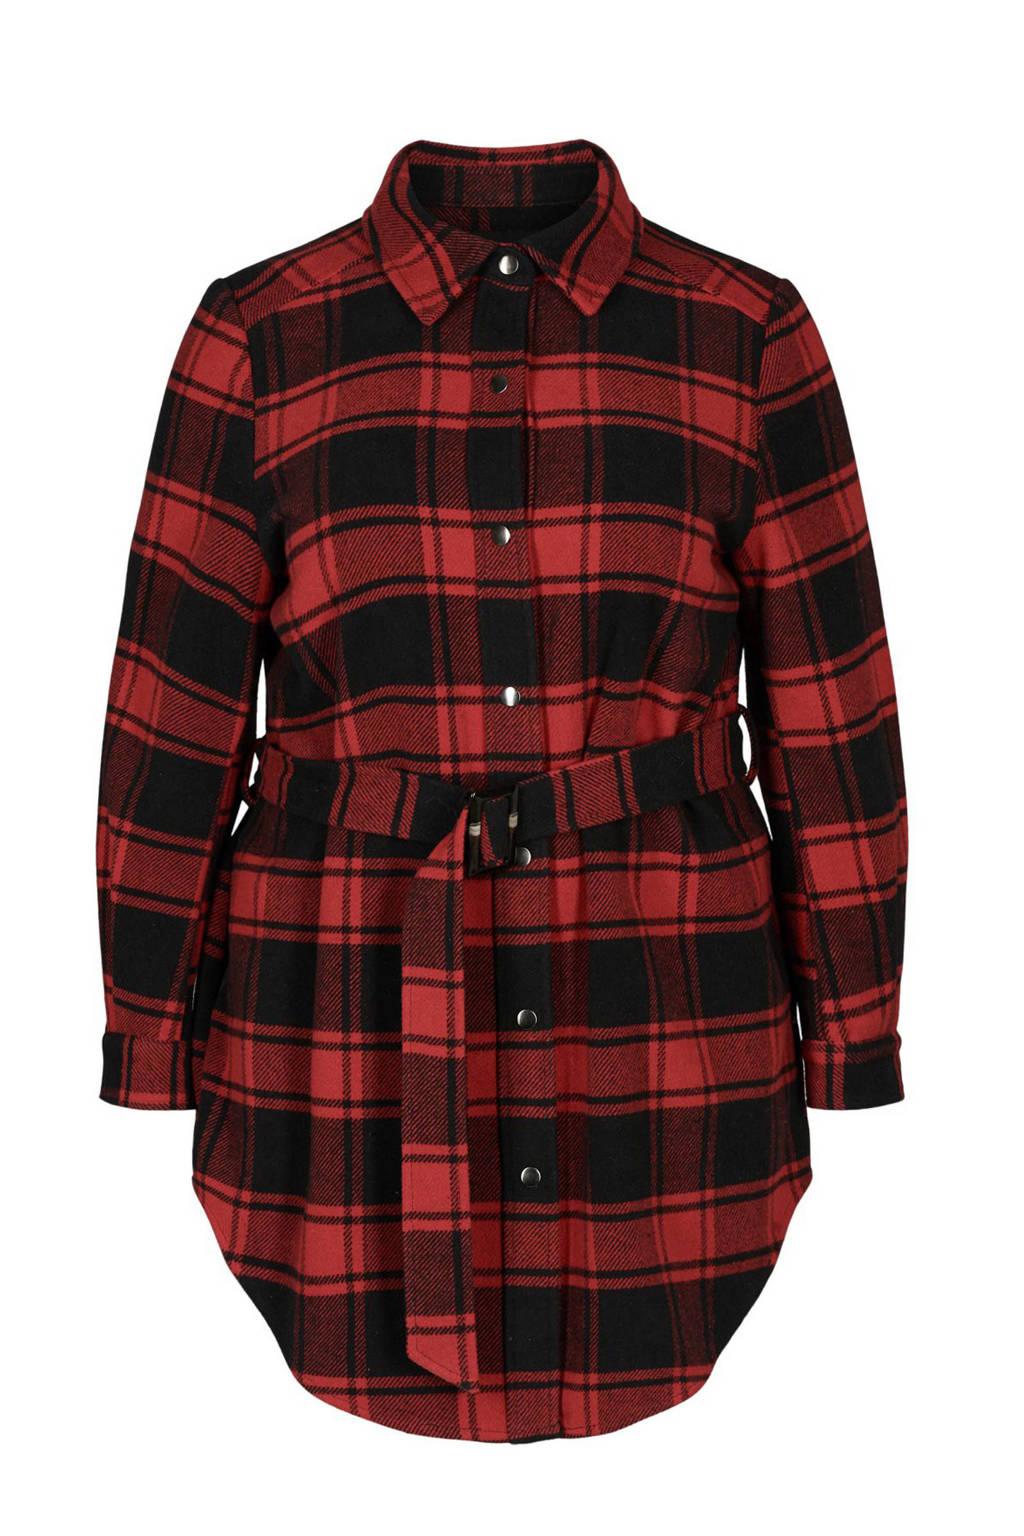 Zizzi geruit jasje rood/zwart, Rood/zwart